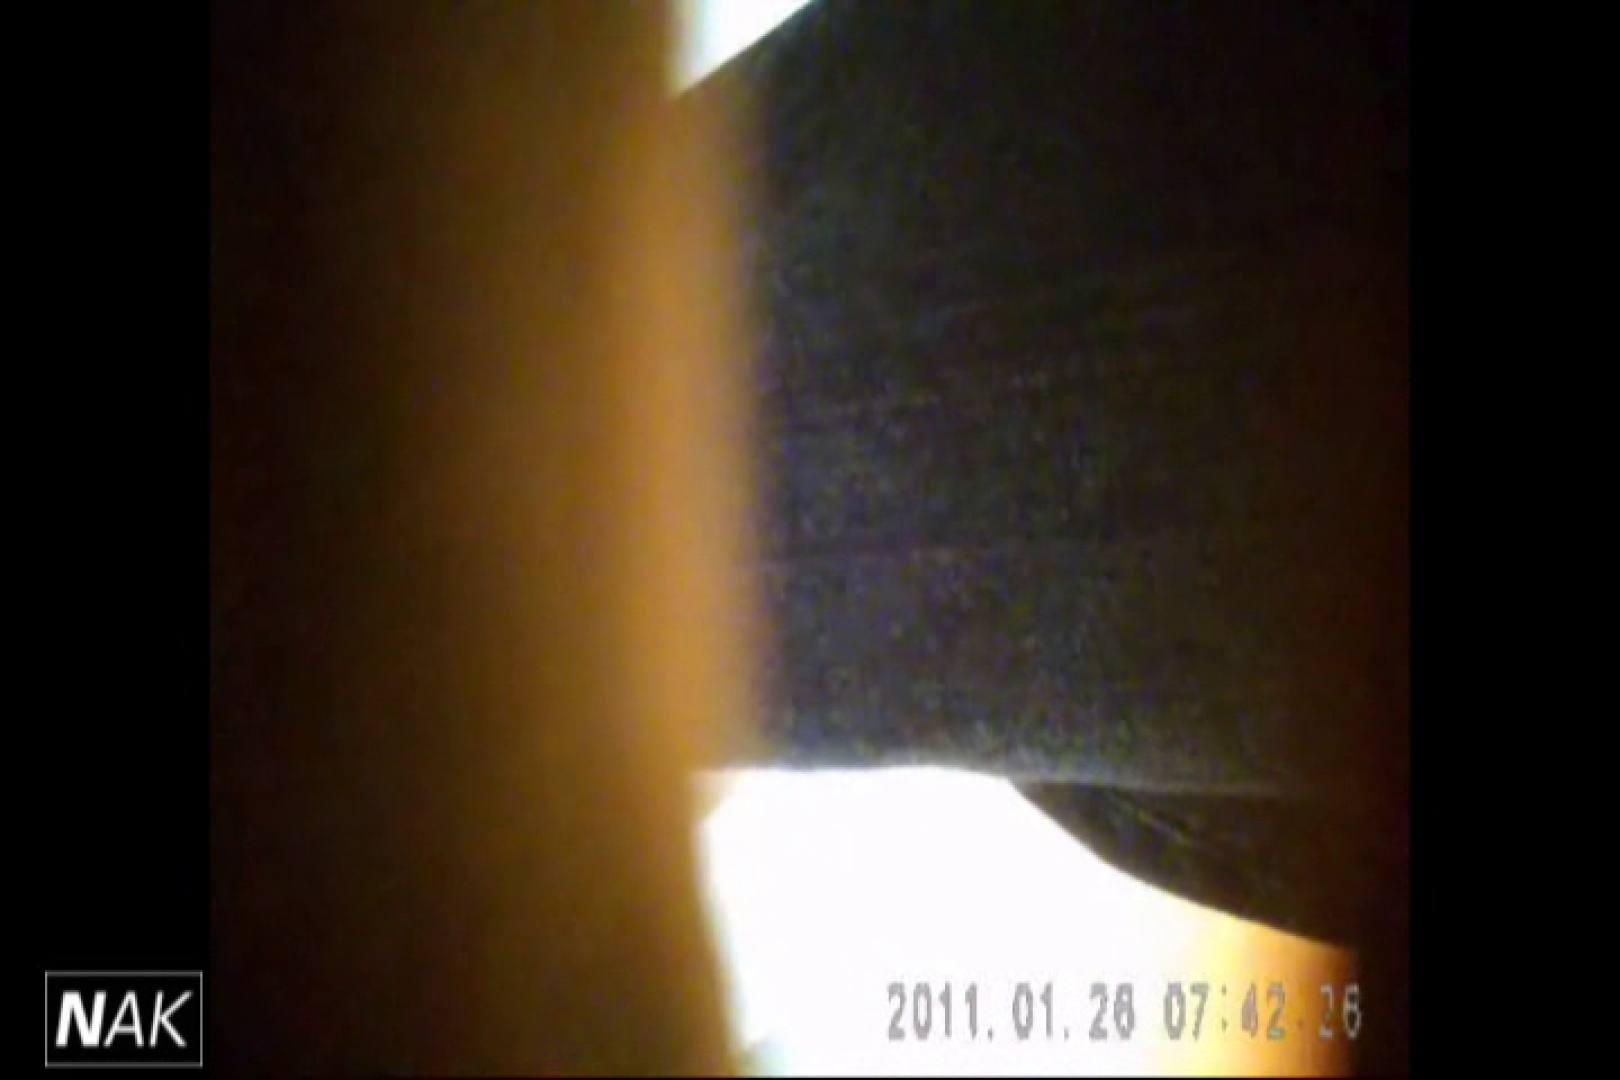 せん八さんの厠観察日記!2点監視カメラ 高画質5000K vol.12 高画質 ヌード画像 99pic 23